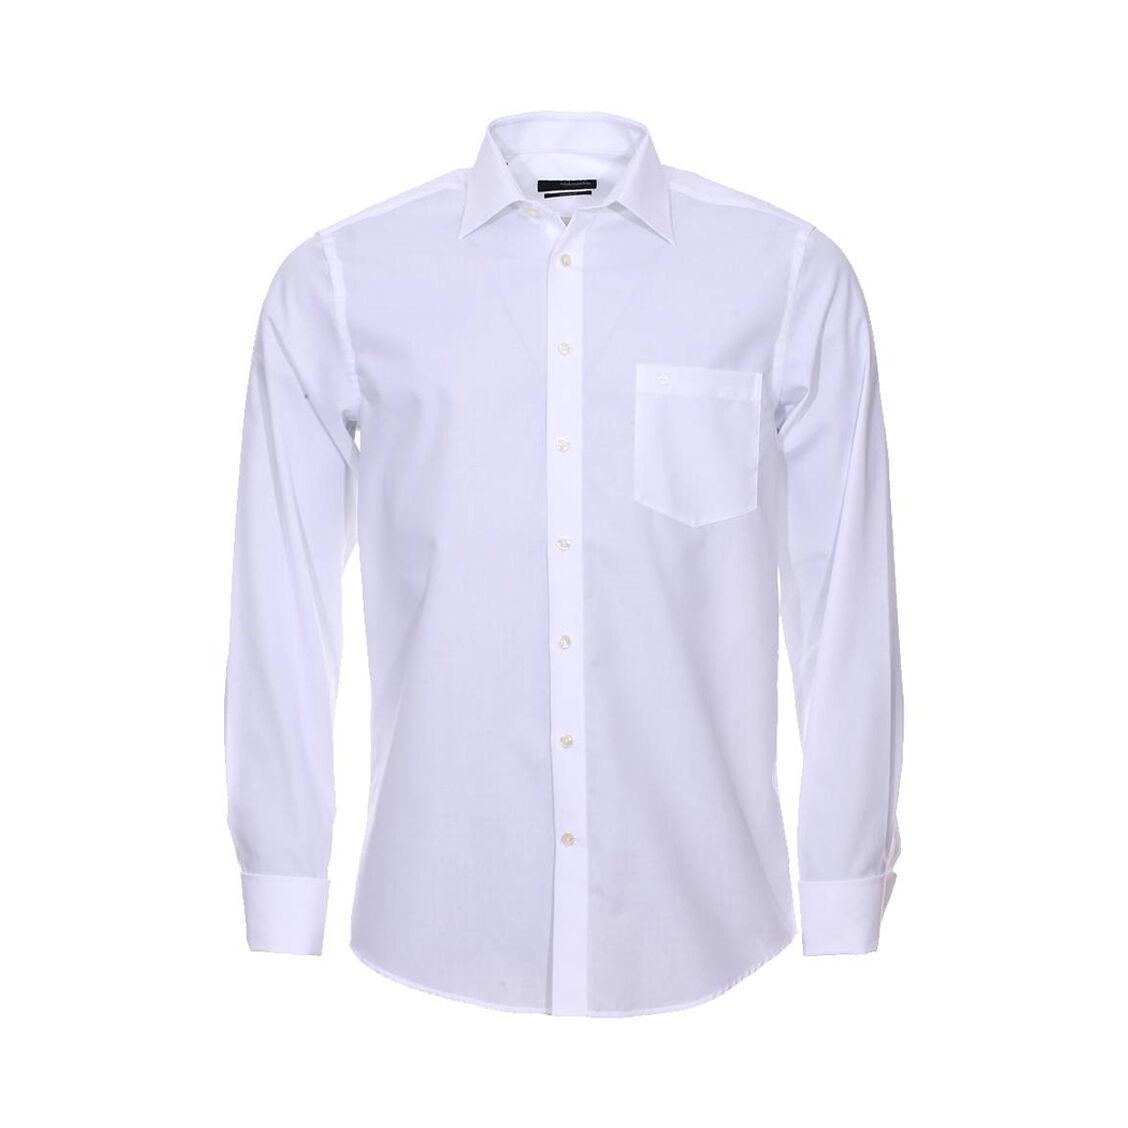 Seidensticker Chemise droite Seidensticker en coton blanc à poignets mousquetaires Sans repassage - BLANC - 41